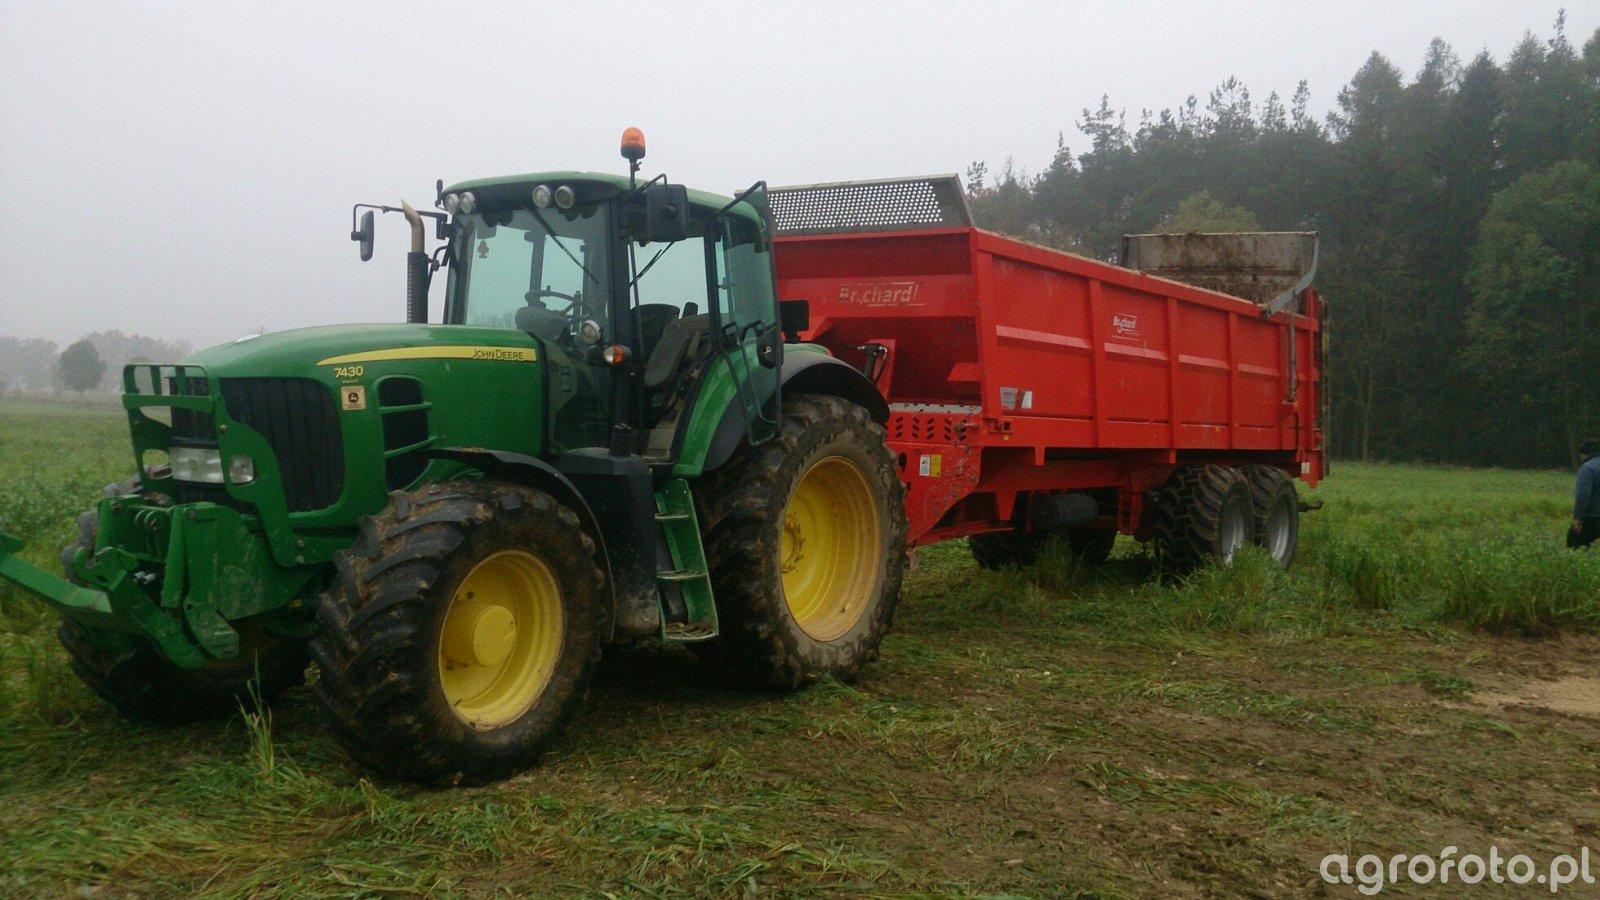 John Deere 7430 + Brochard EV 2000 18 ton